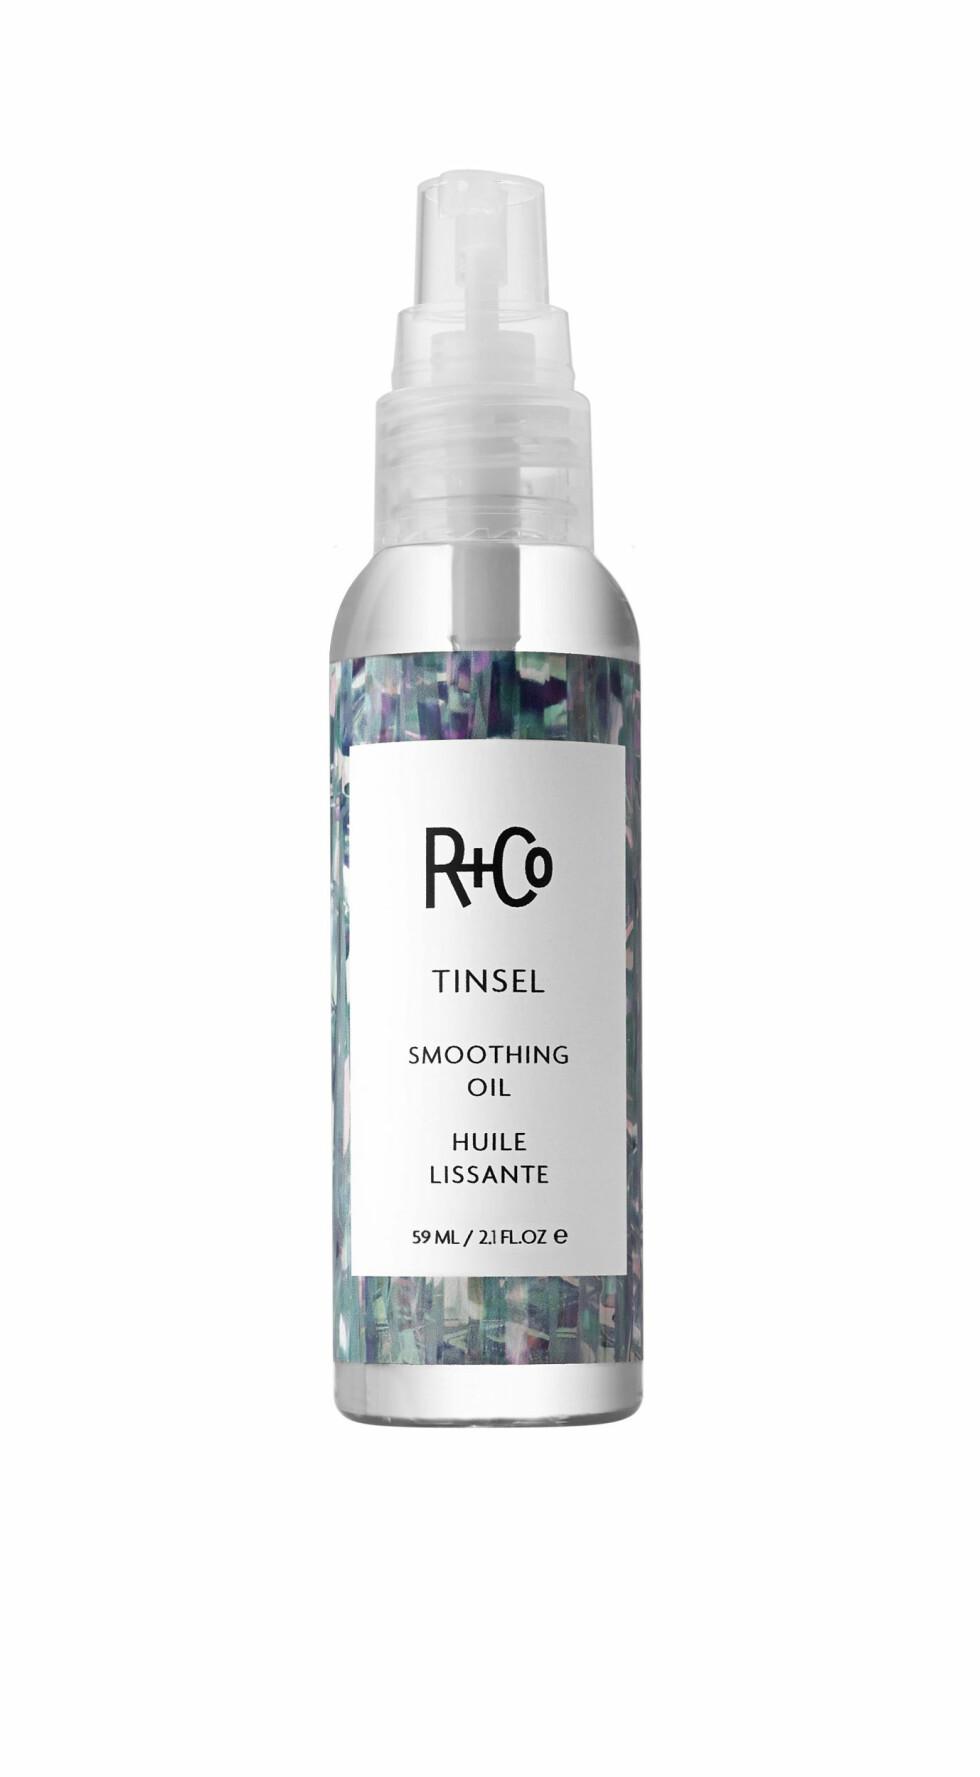 NATURLIG WET LOOK: Hårolje (kr 270, R+Co, Tinsel Smoothing Oil) Foto: Produsenten